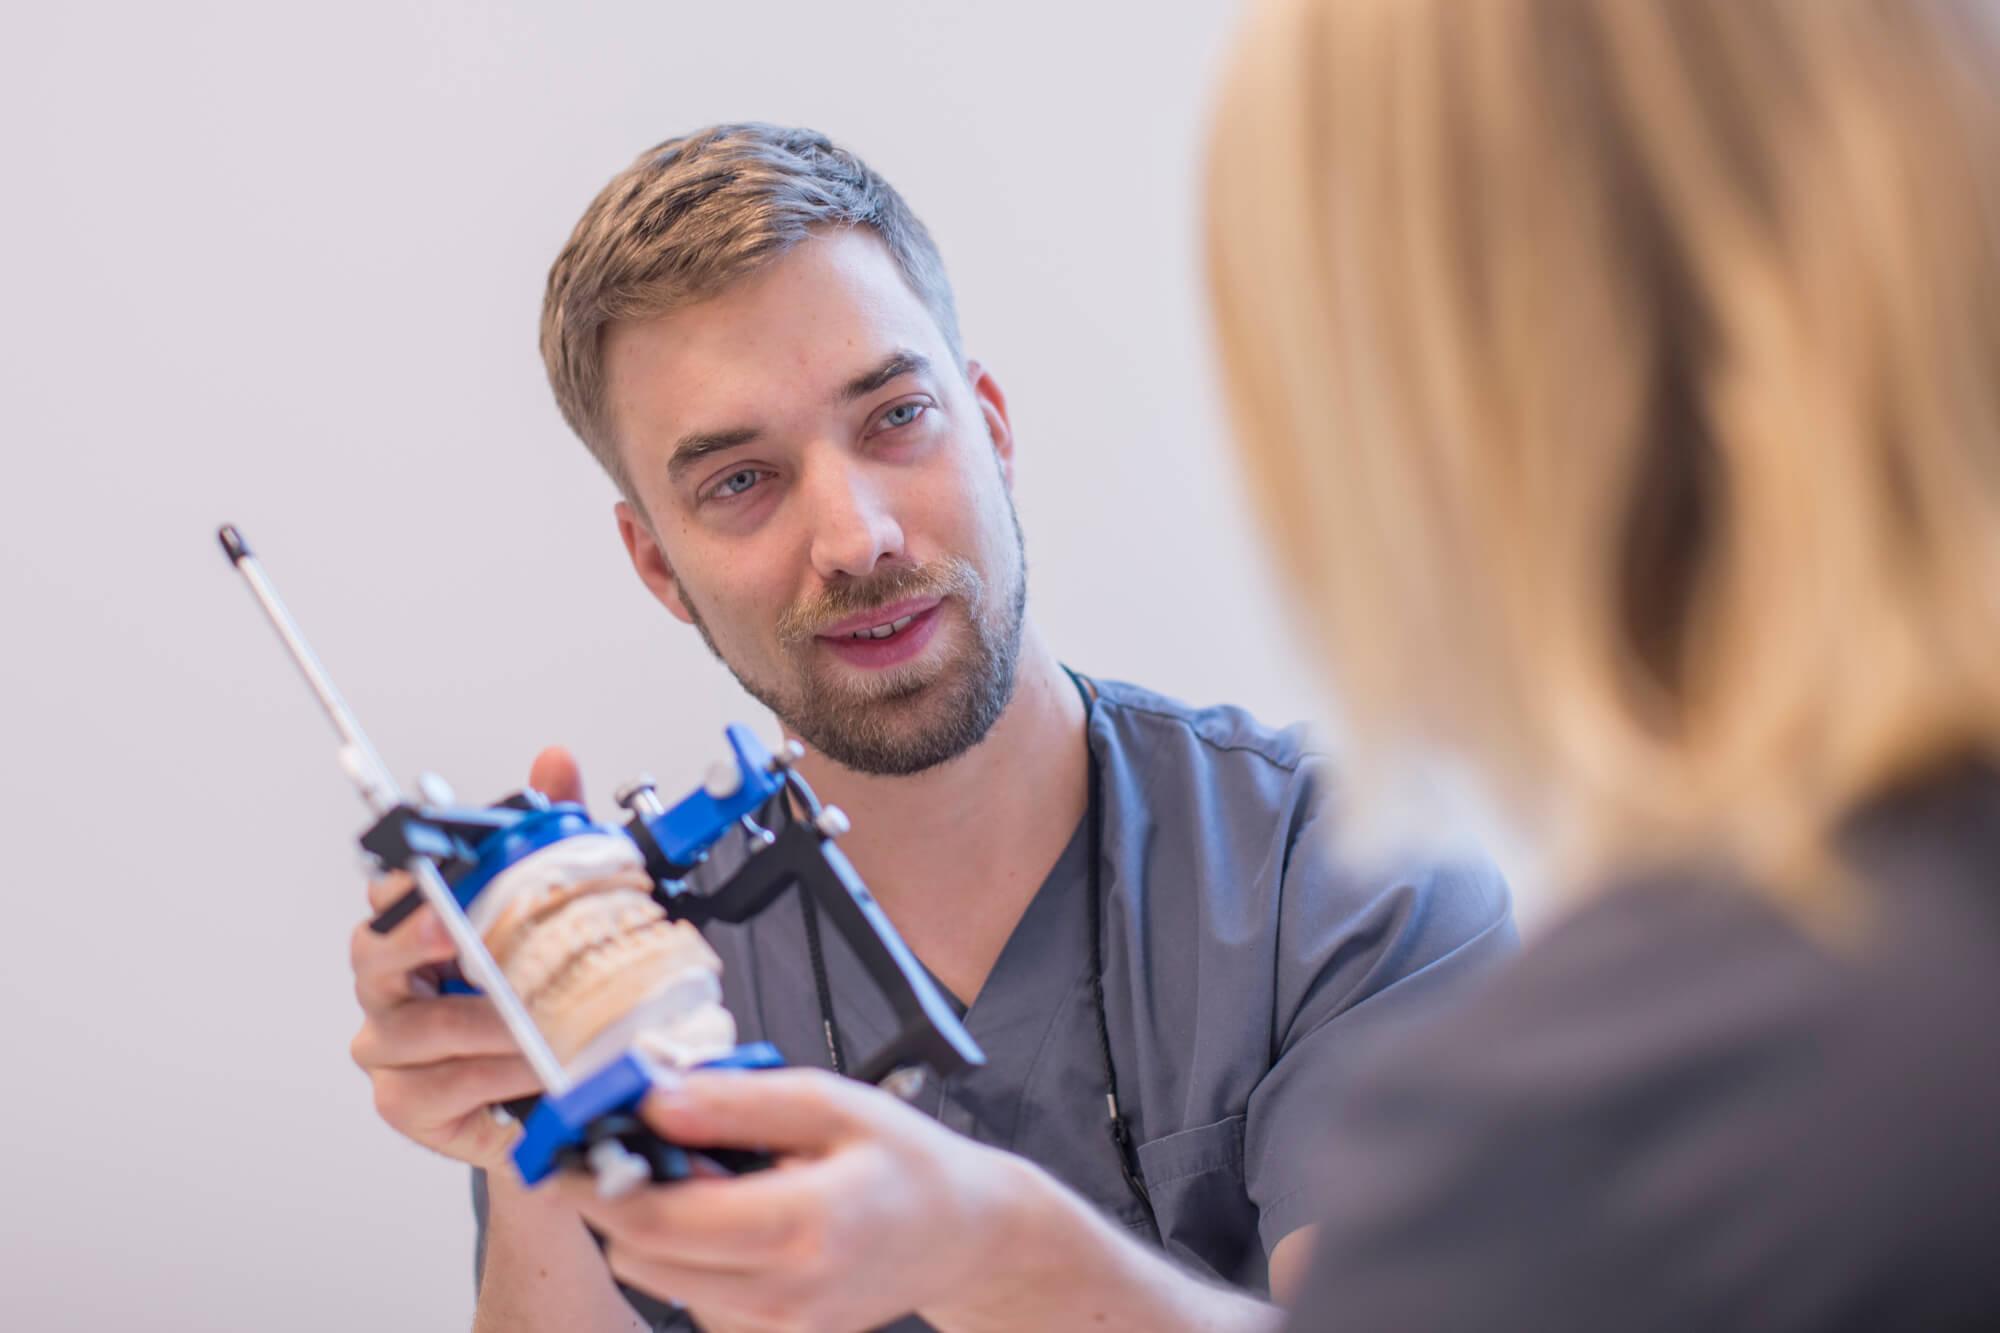 Teleskopprothesen sind eine gute Lösung für herausnehmbaren Zahnersatz